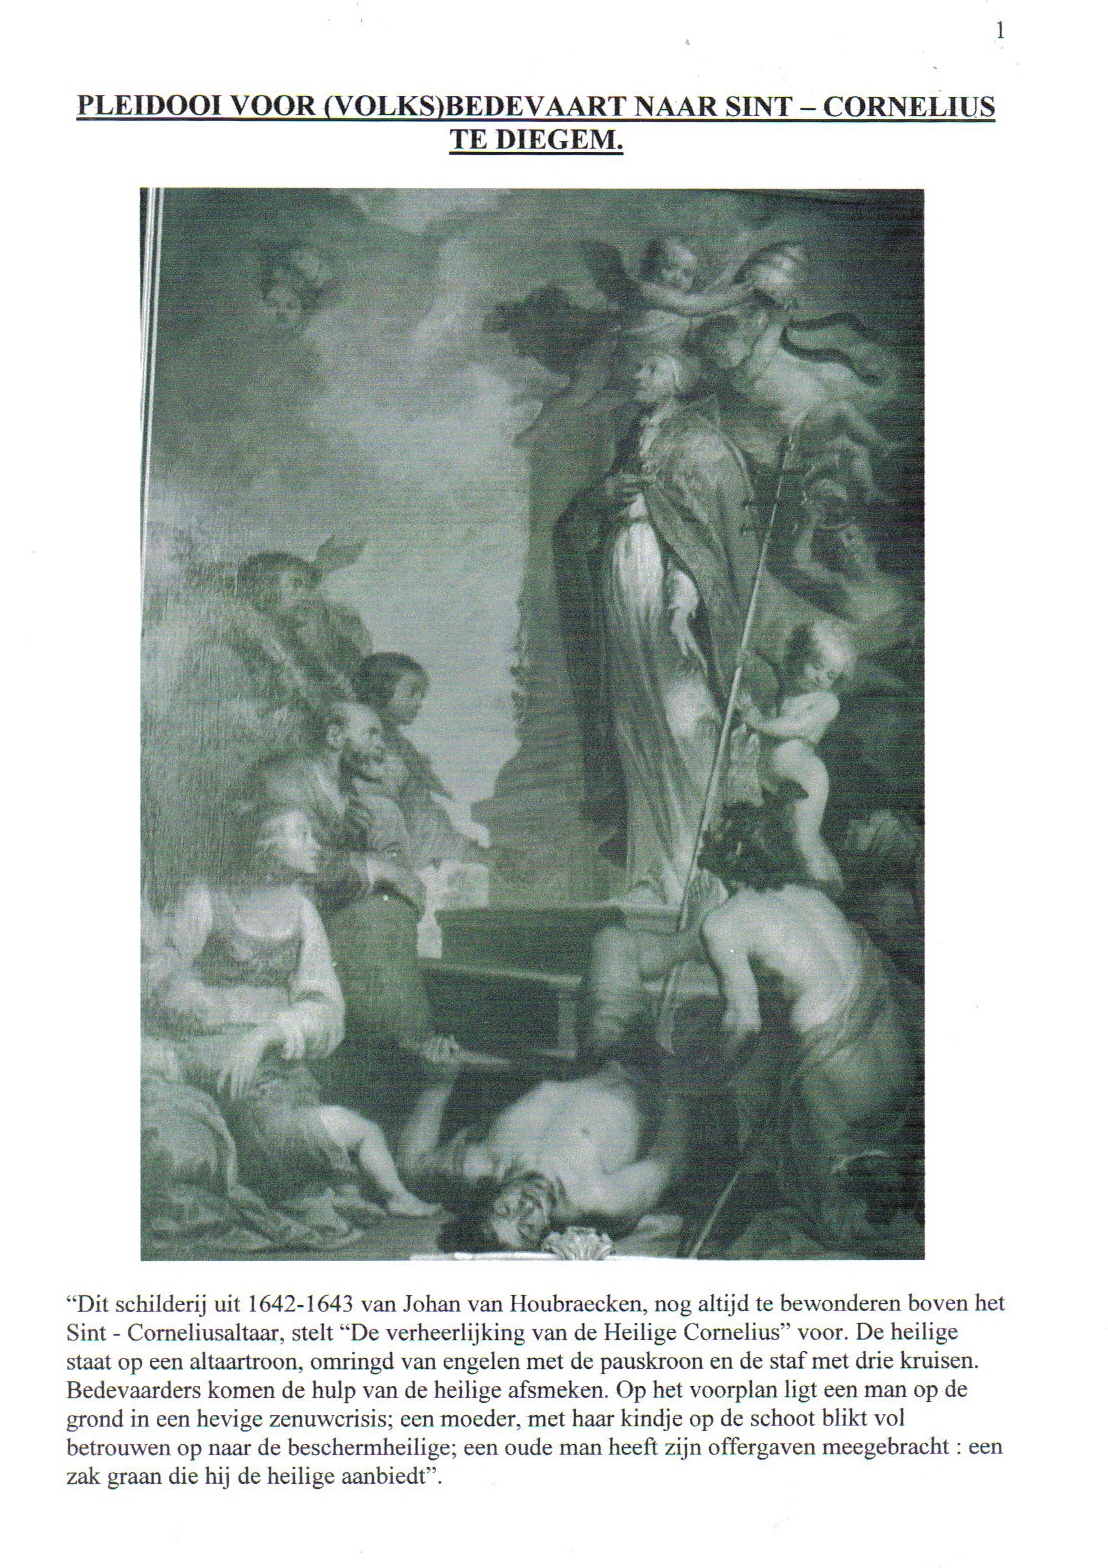 Verheerlijking van Sint-Cornelis